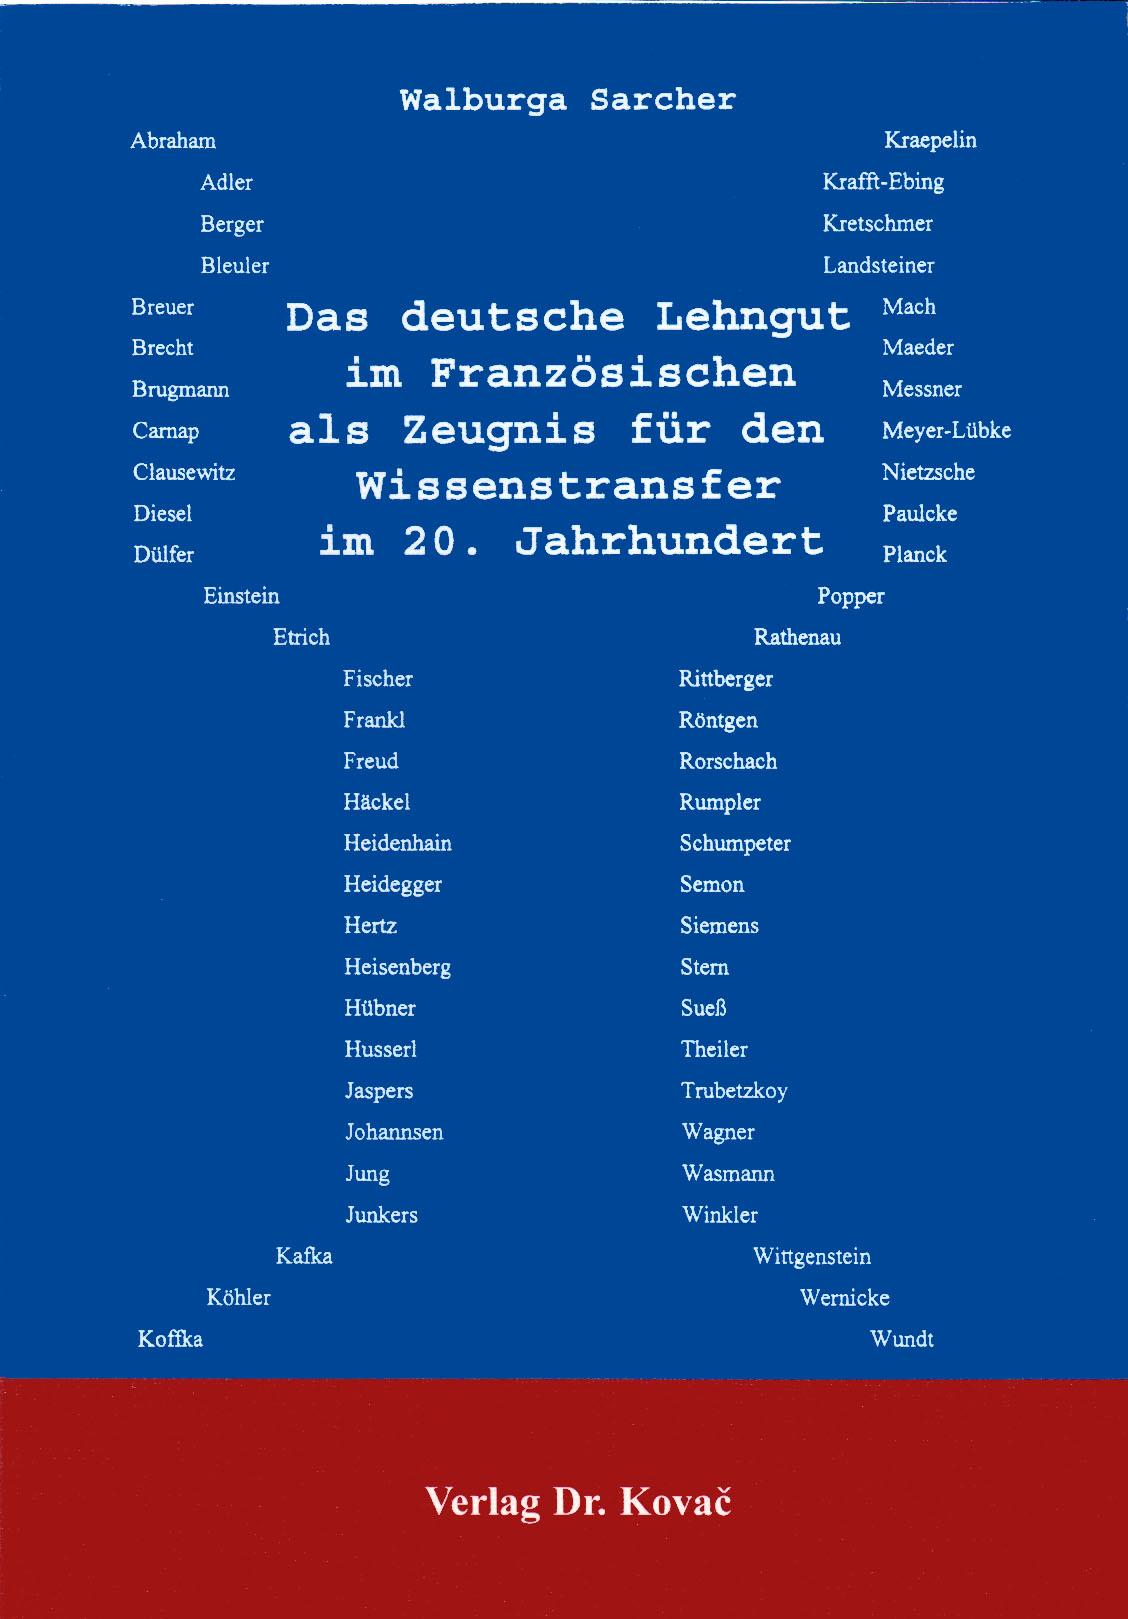 Cover: Das deutsche Lehngut im Französischen als Zeugnis für den Wissenstransfer im 20. Jahrhundert